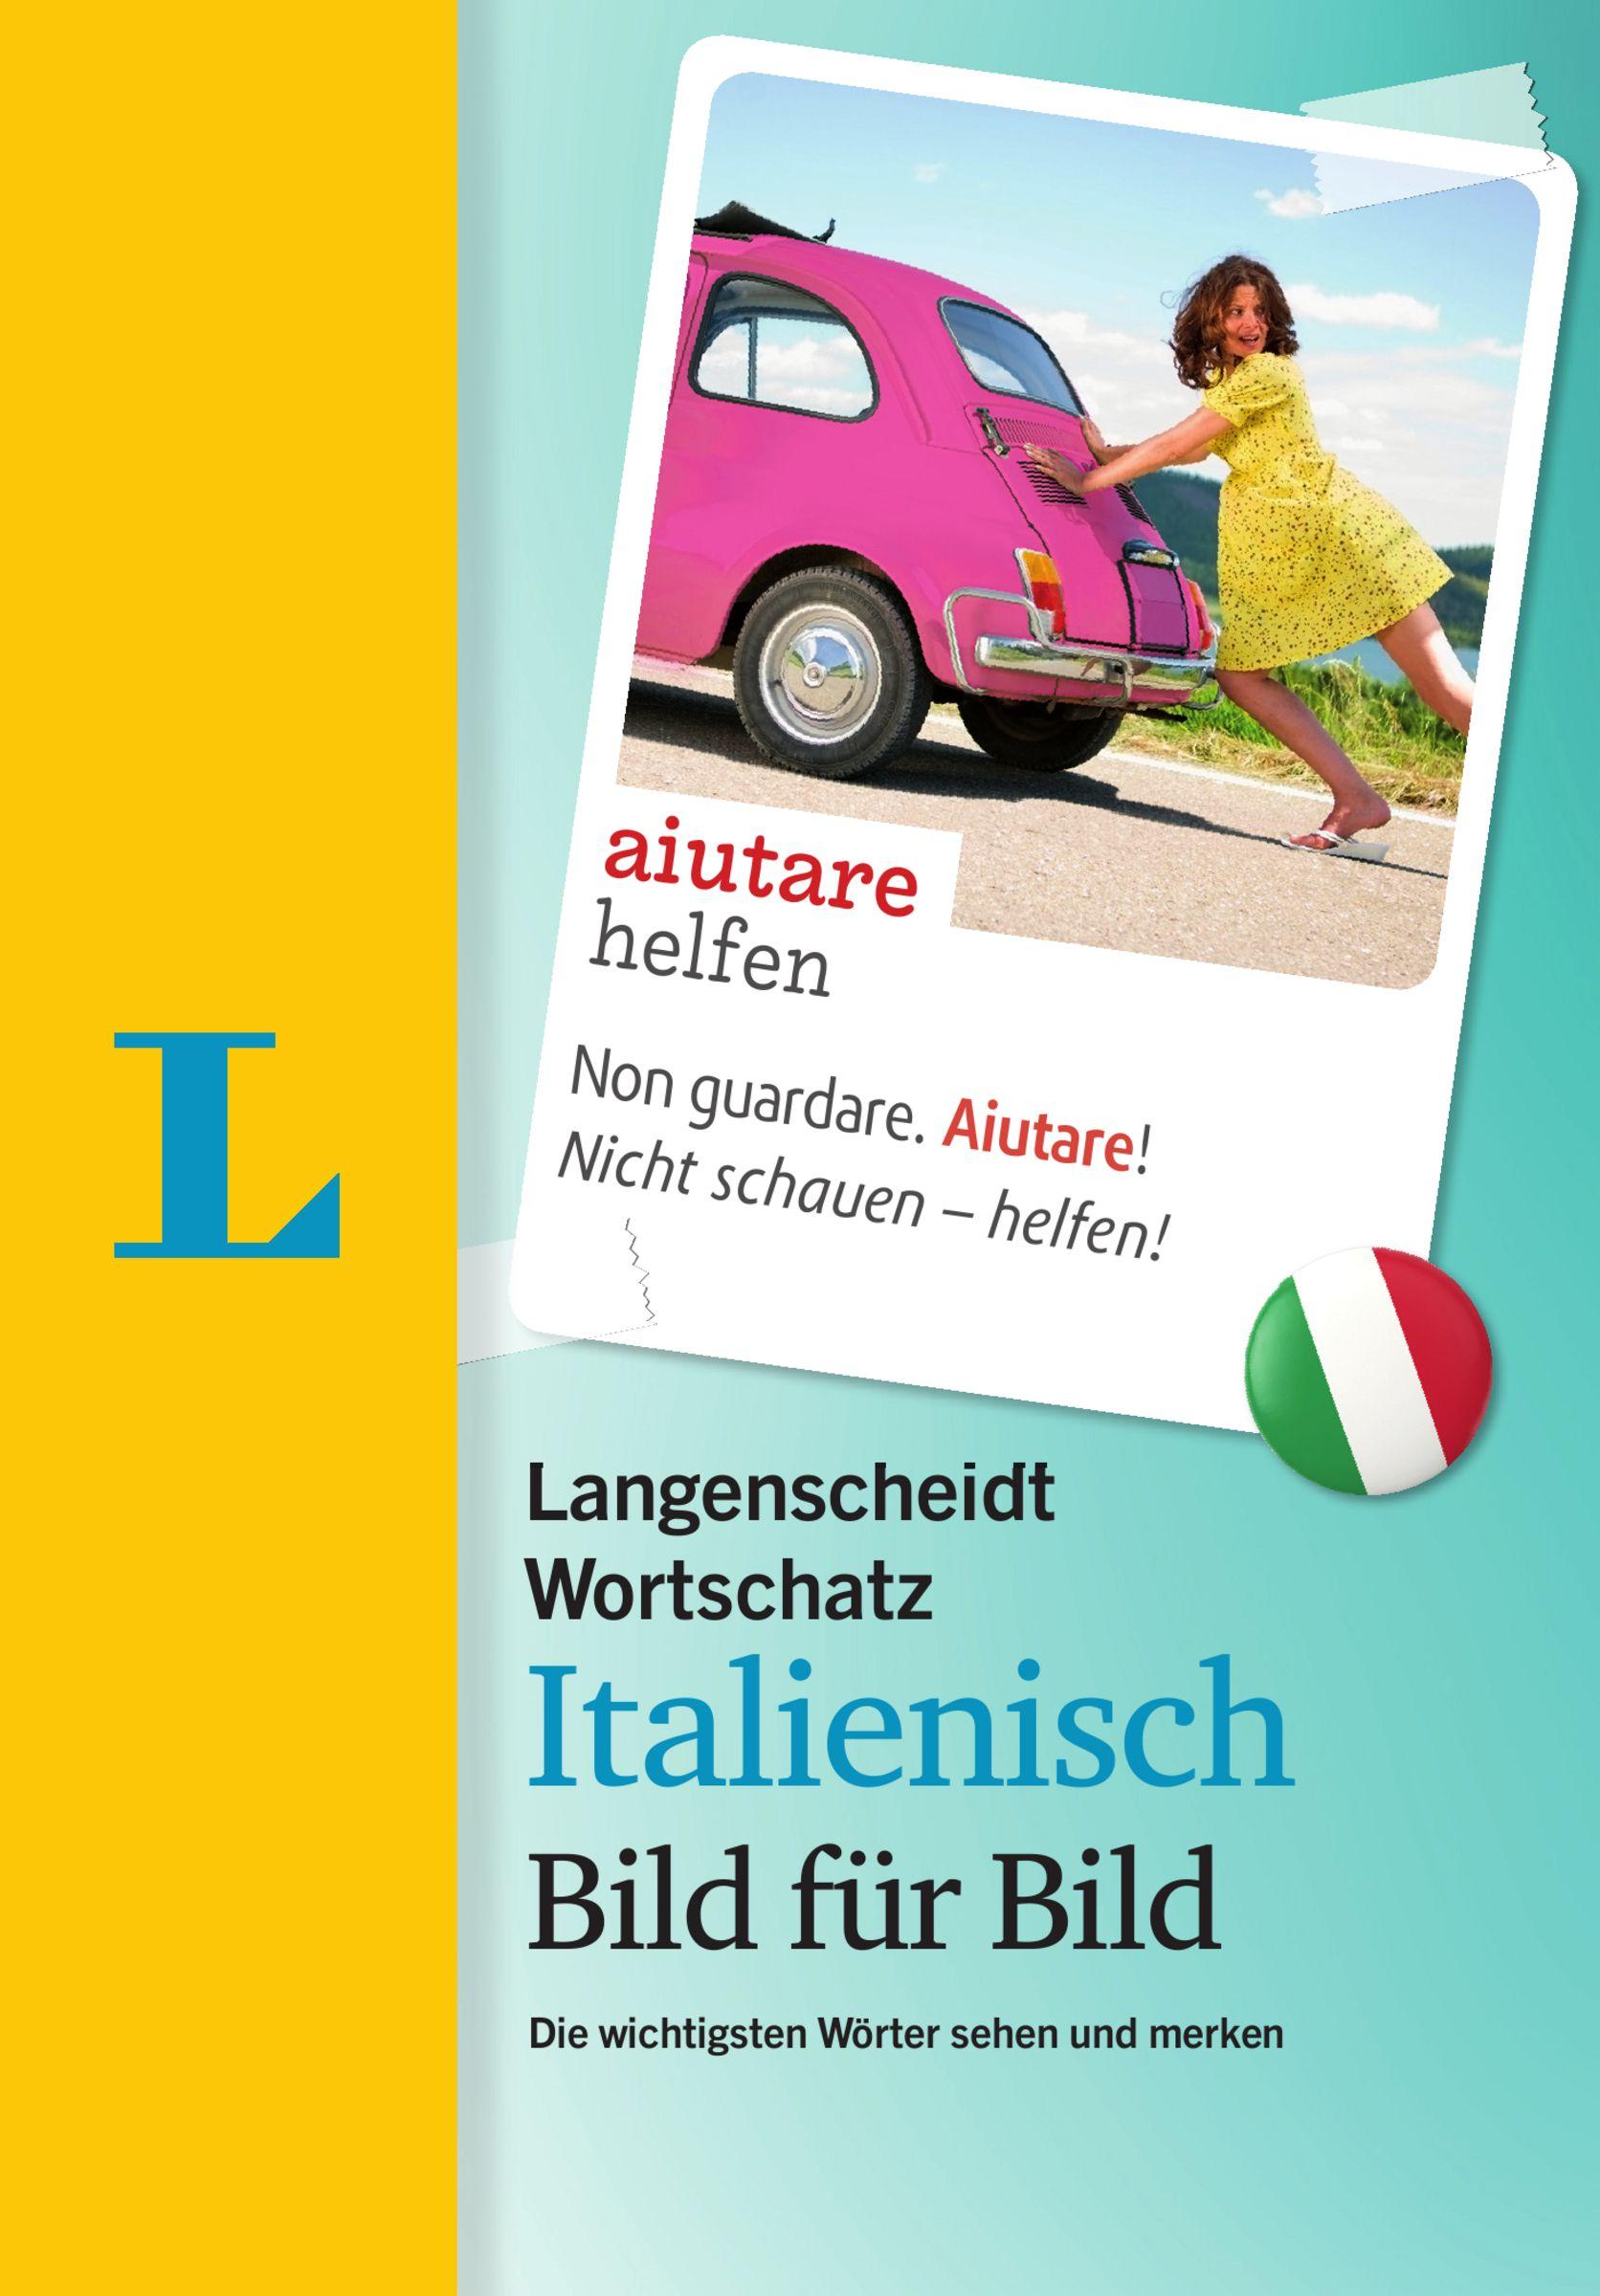 Langenscheidt Wortschatz Italienisch Bild für Bild - Visueller Wortsc